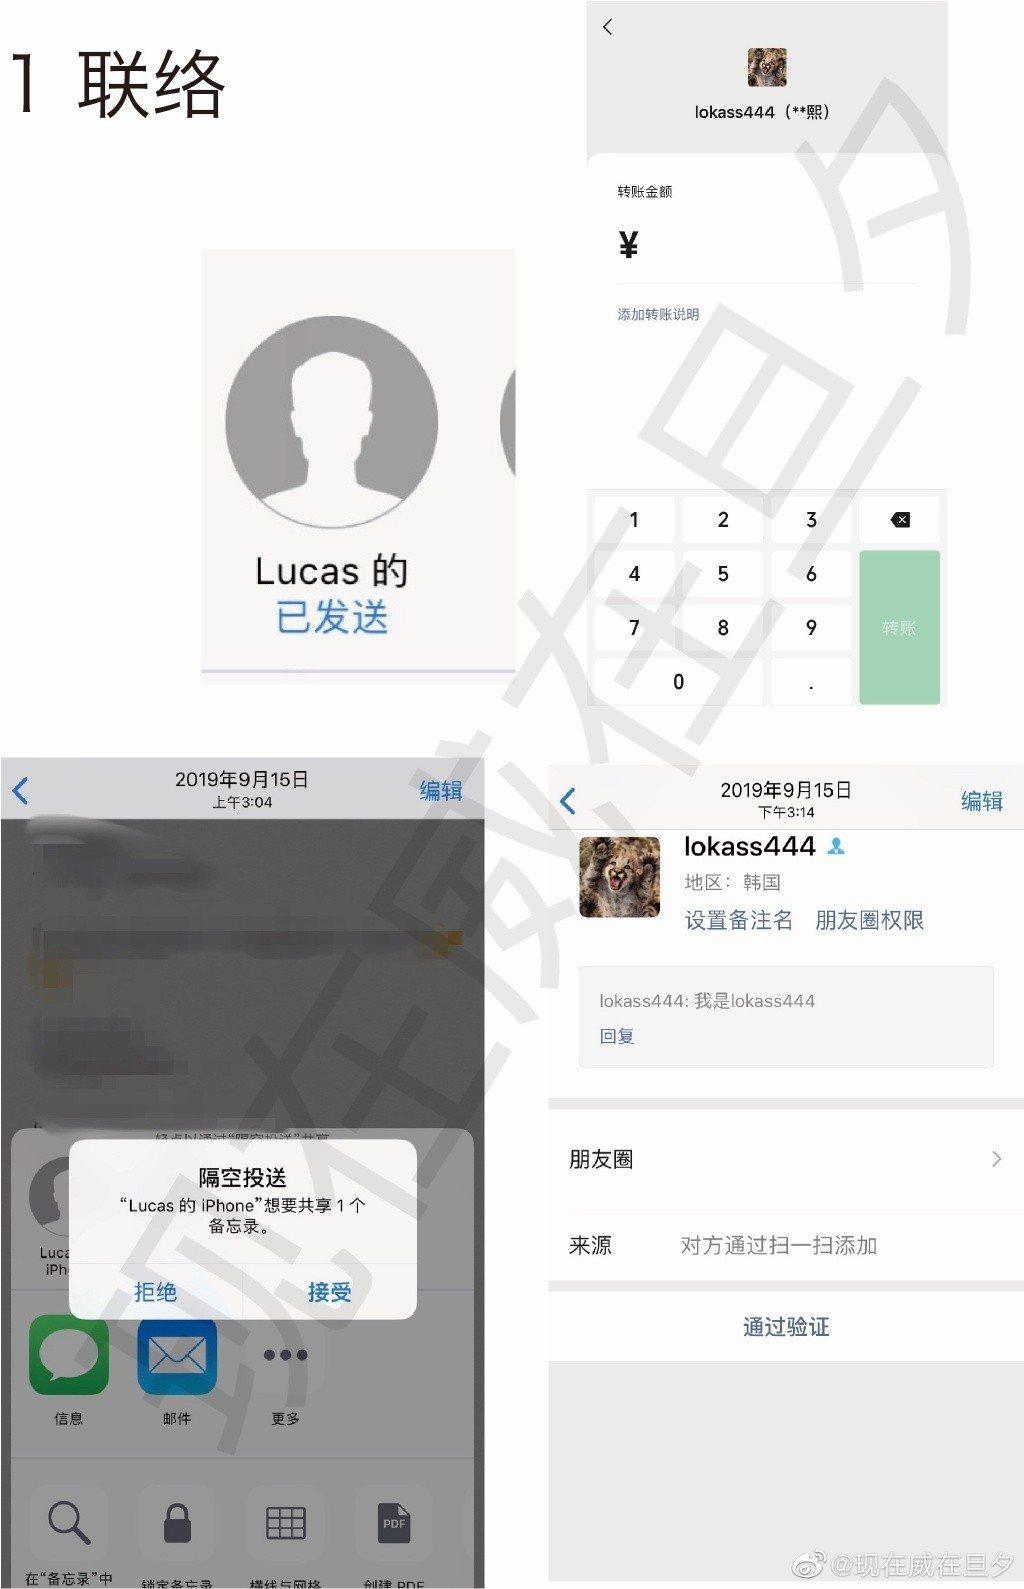 女網友在微博上秀出Lucas私聊、床照等證據。圖/摘自現在威在旦夕微博